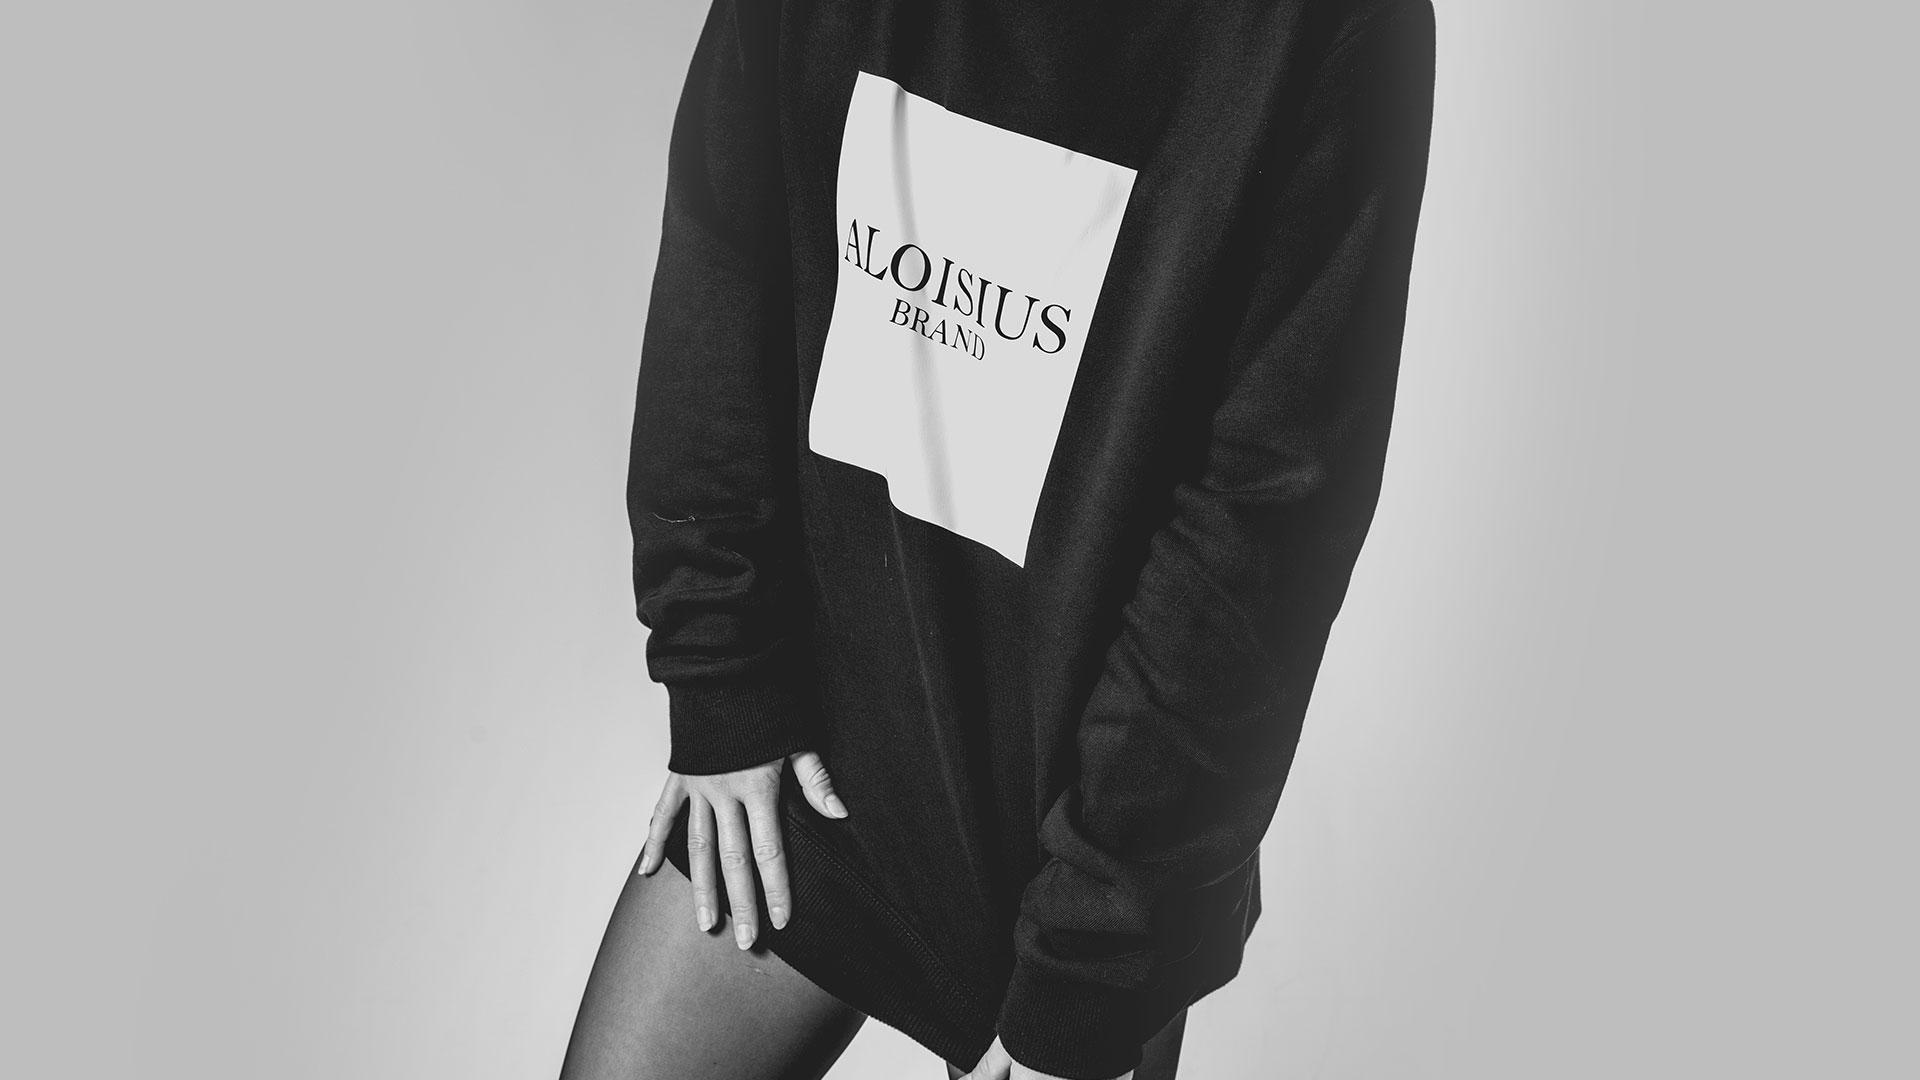 Elboutiques-blog-banner